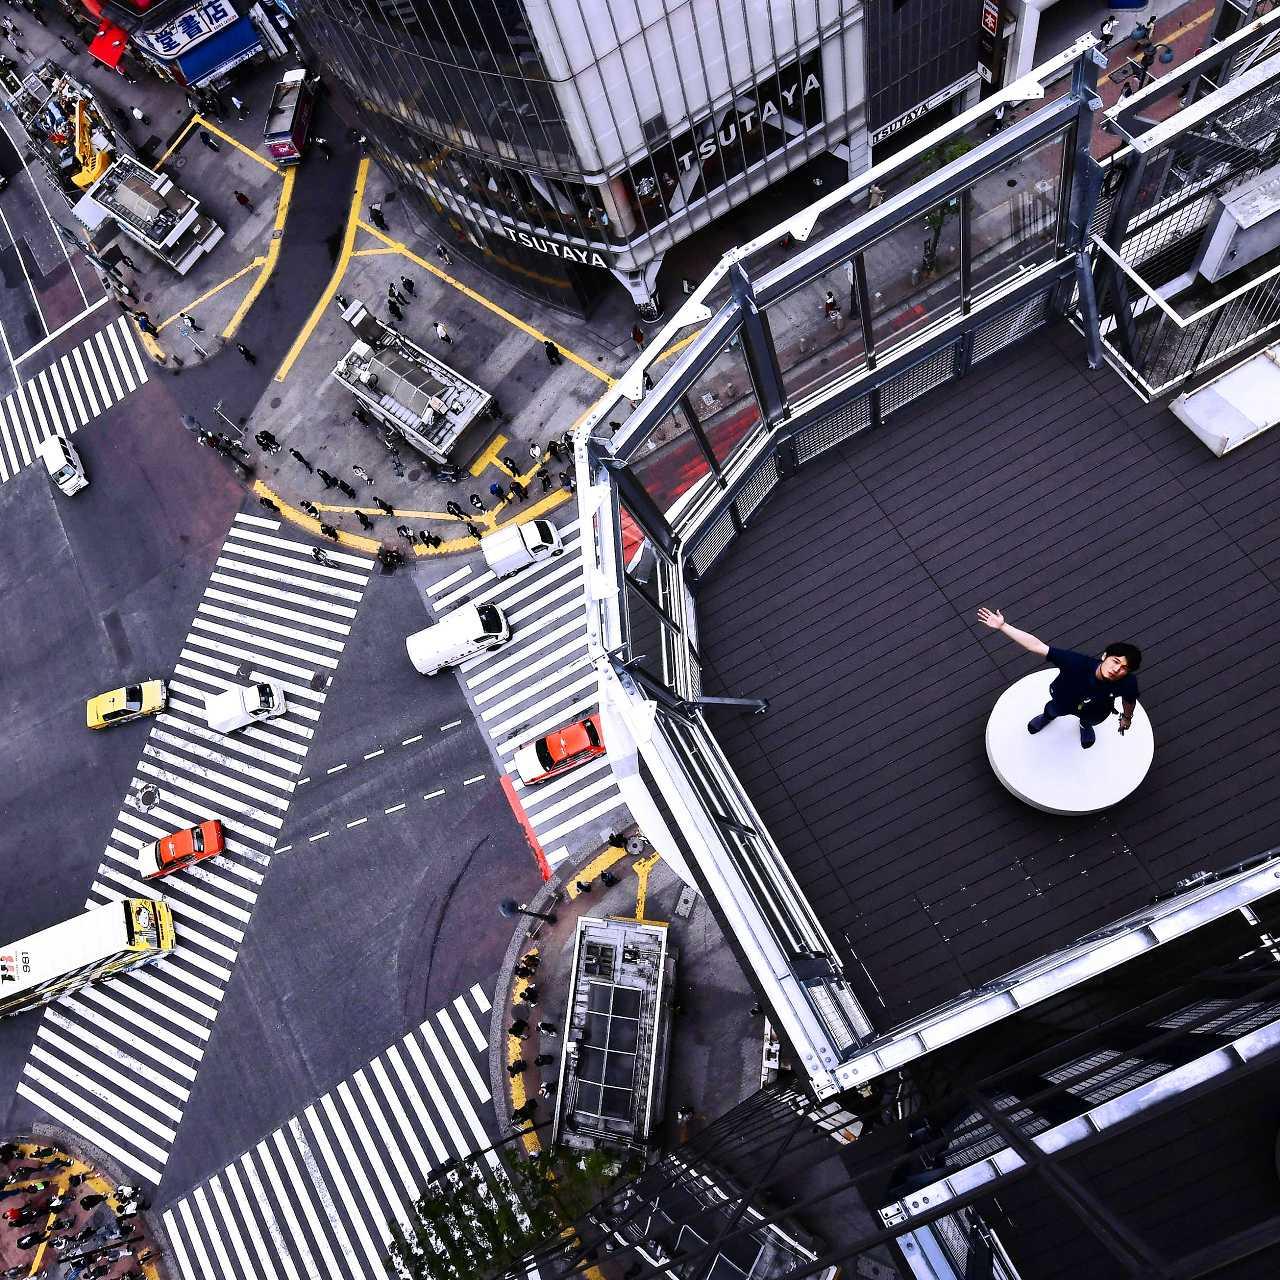 渋谷の雑踏から逃避行。いつもと違う新しい感覚に出会える場所へ